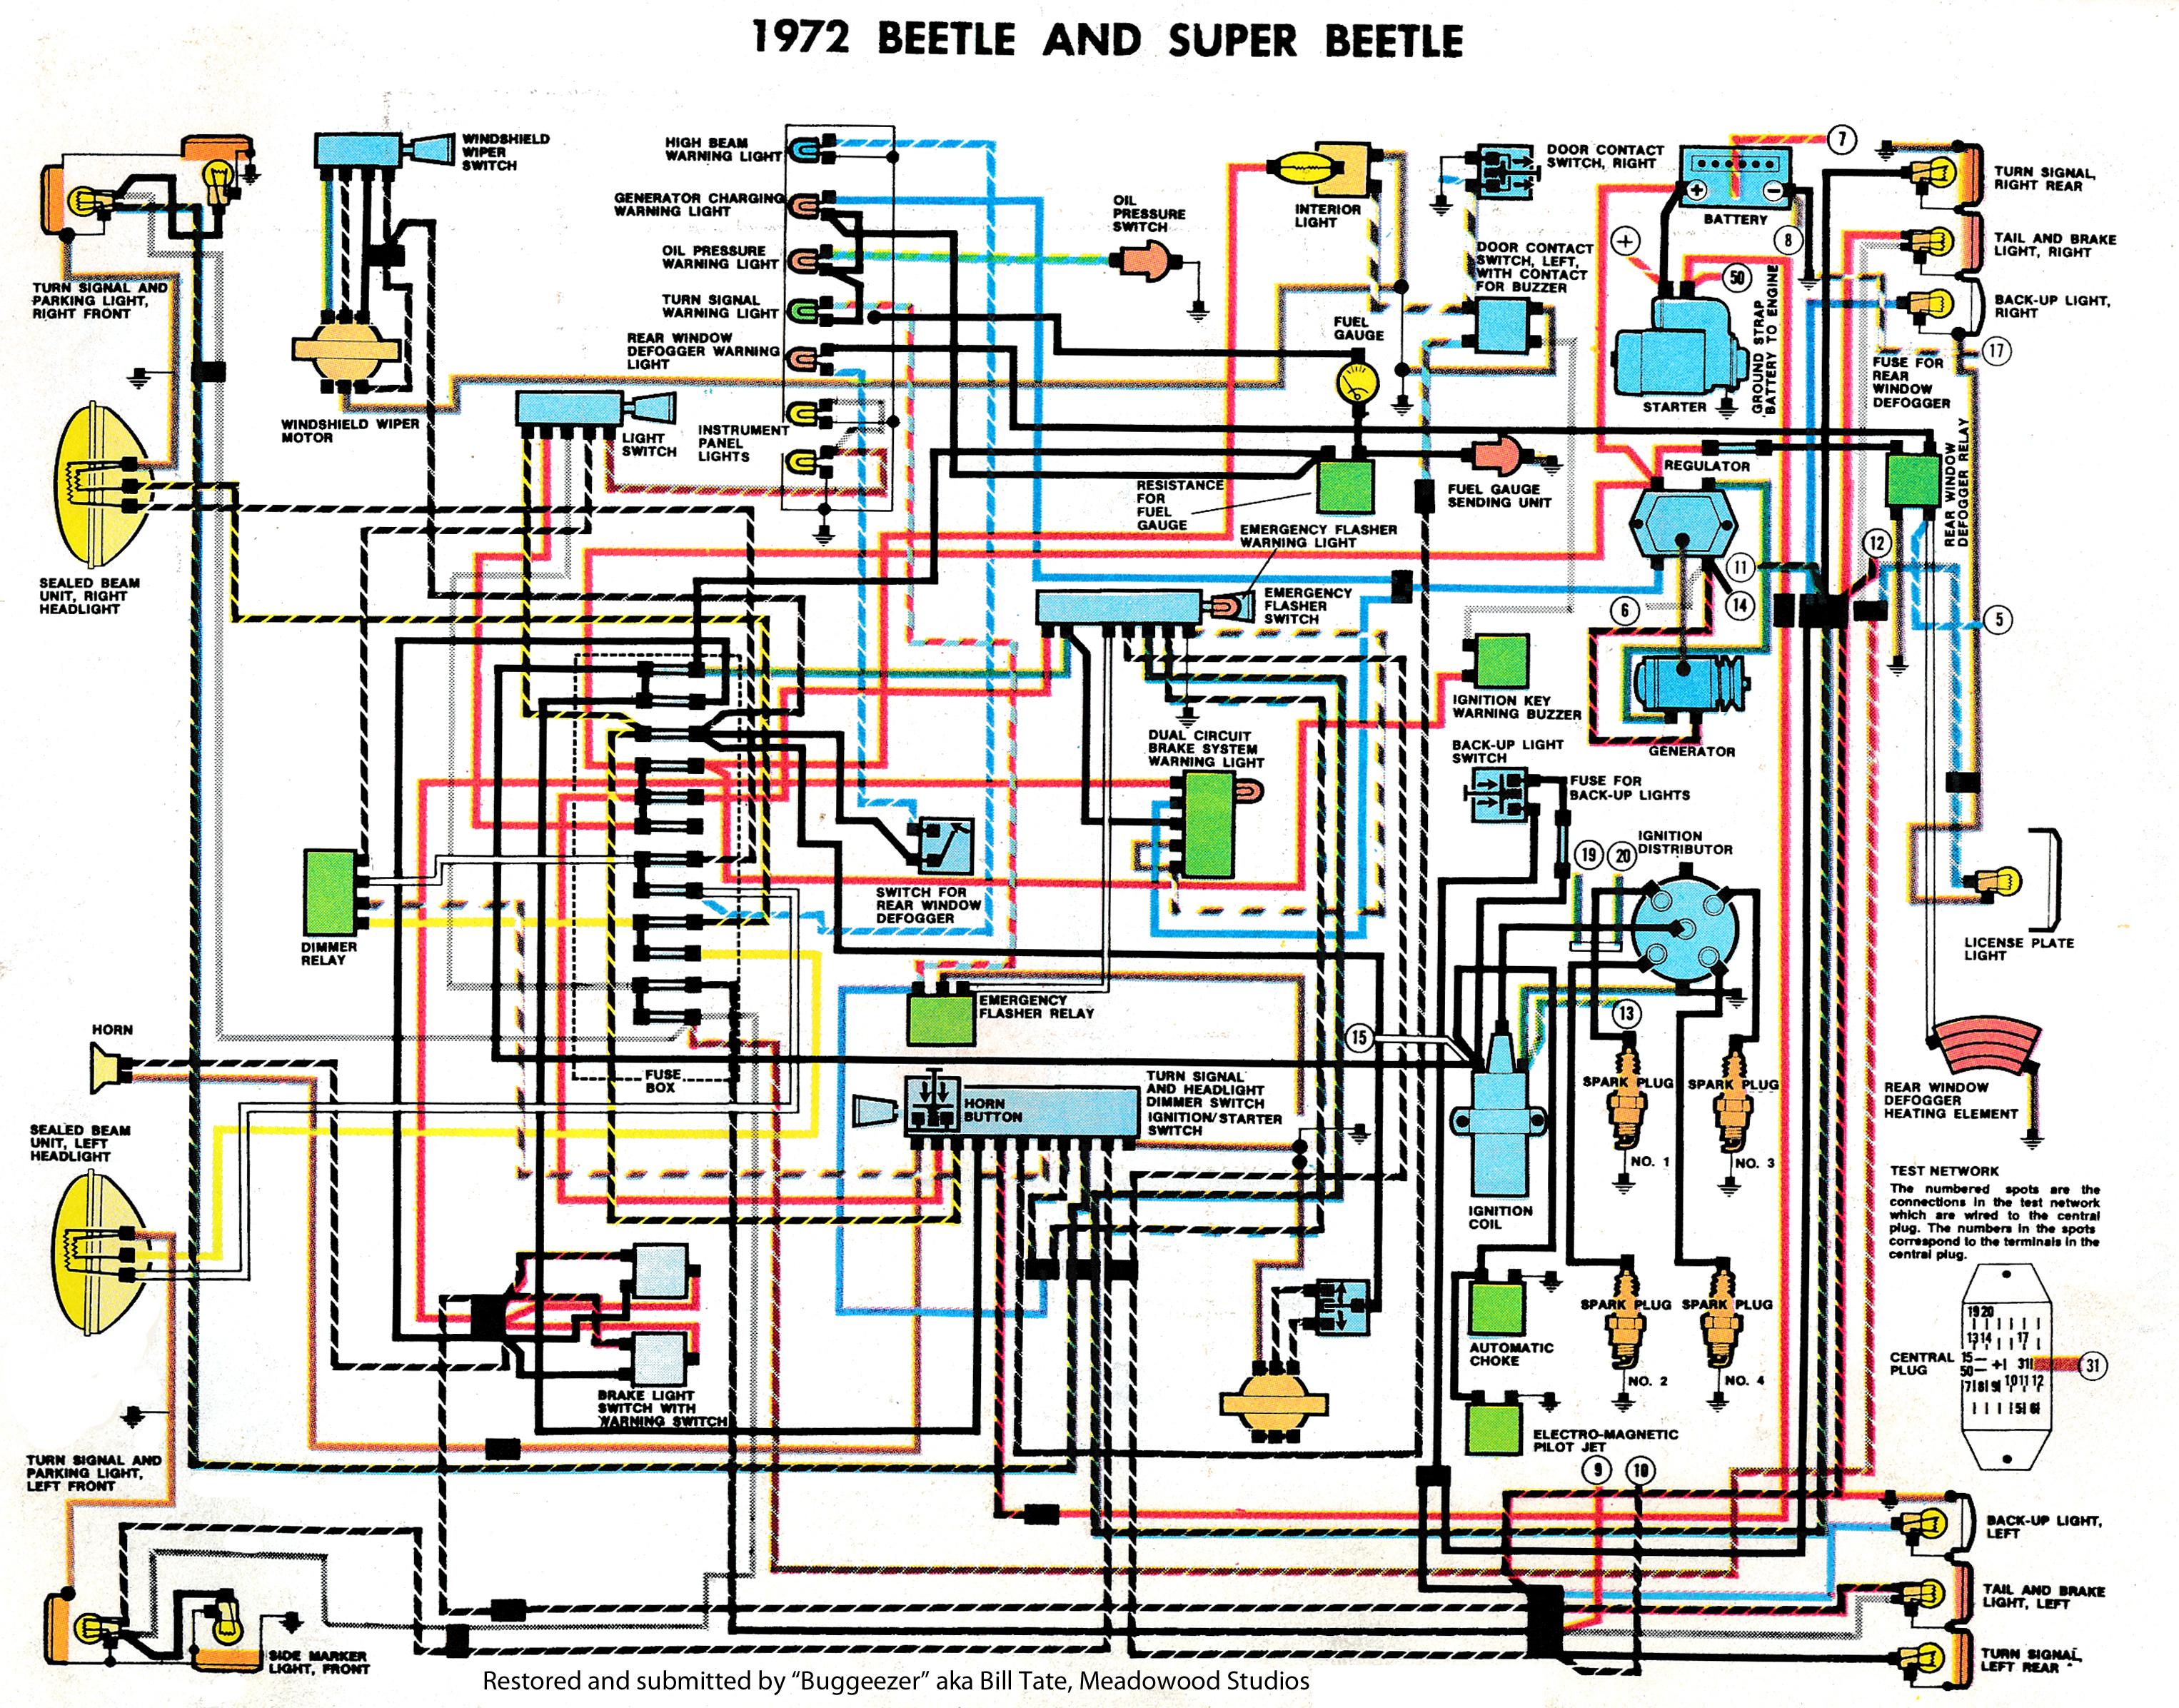 Vw Beetle Wiring Diagram Vw Beetle Wiring Diagram 1970 Camaro Rs Vw